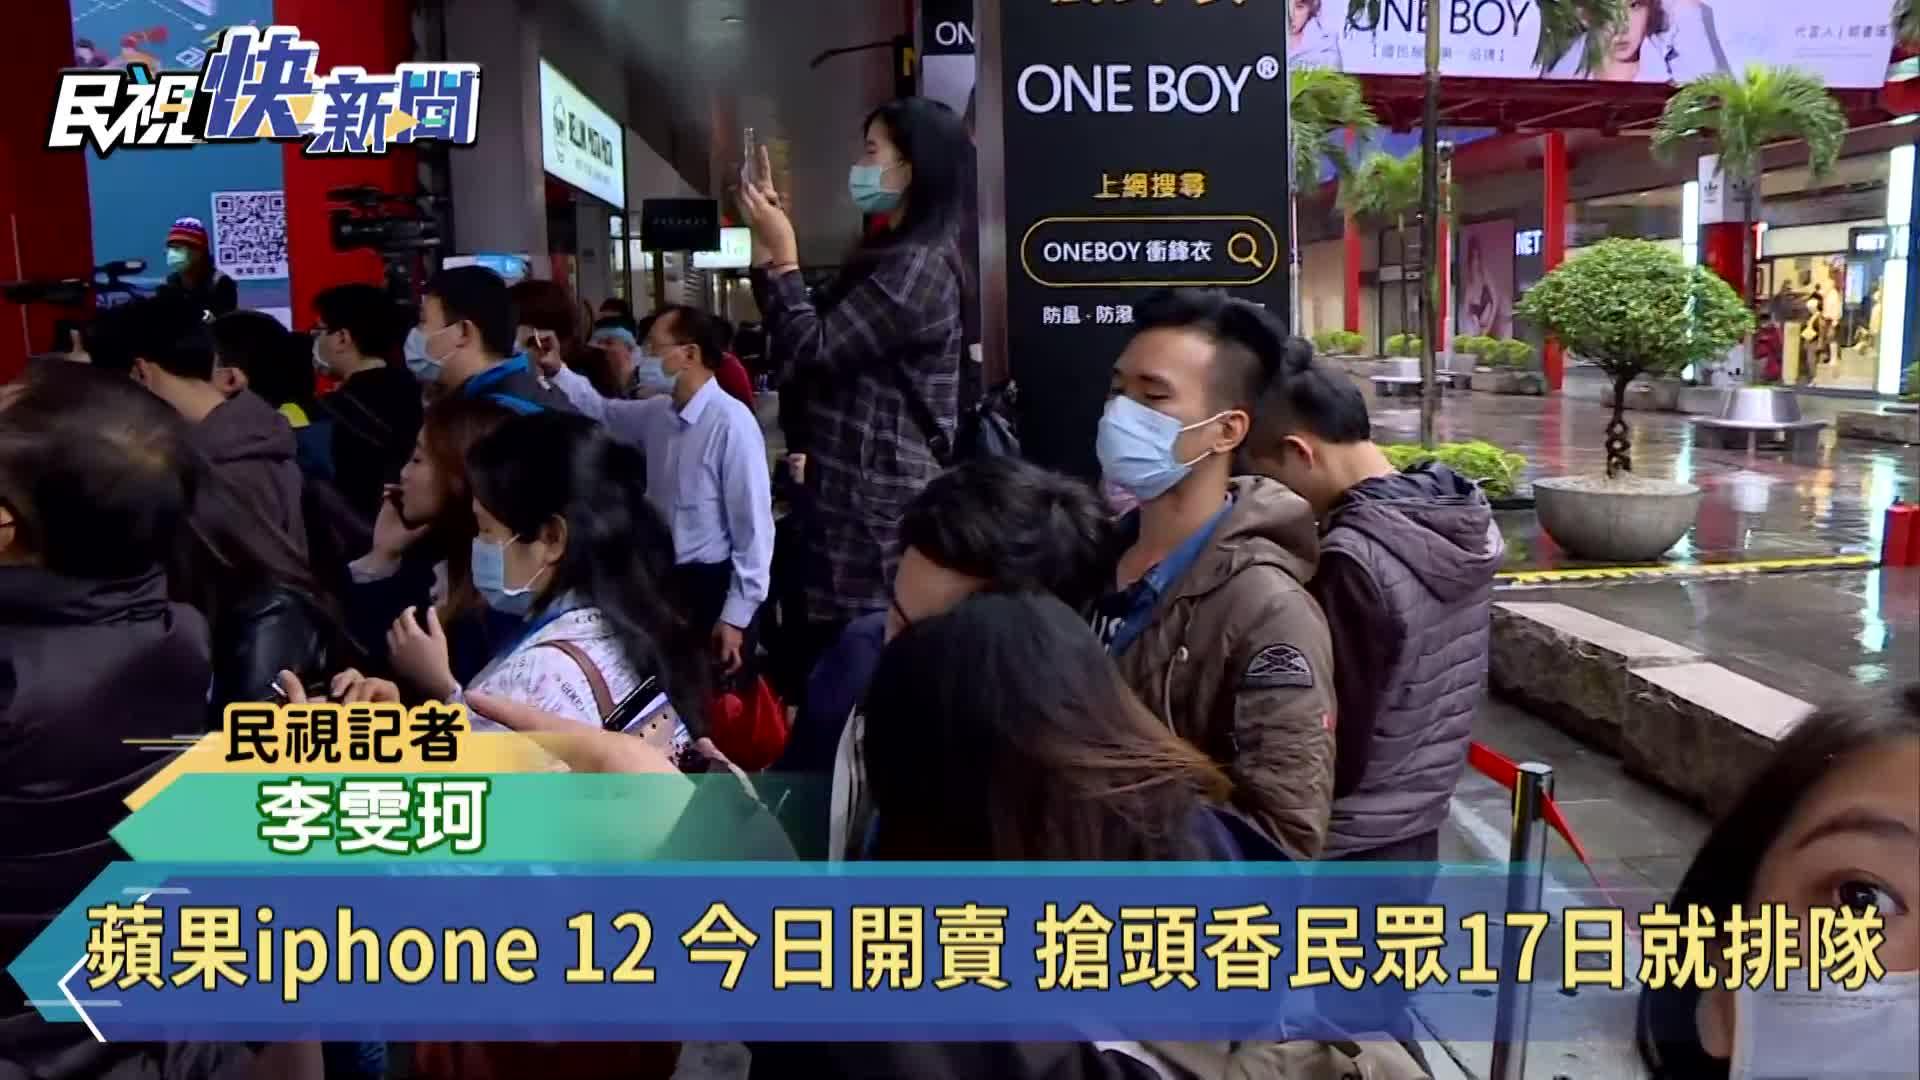 快新聞/iPhone 12今開賣 民眾上周六號召家人輪流排隊終搶頭香